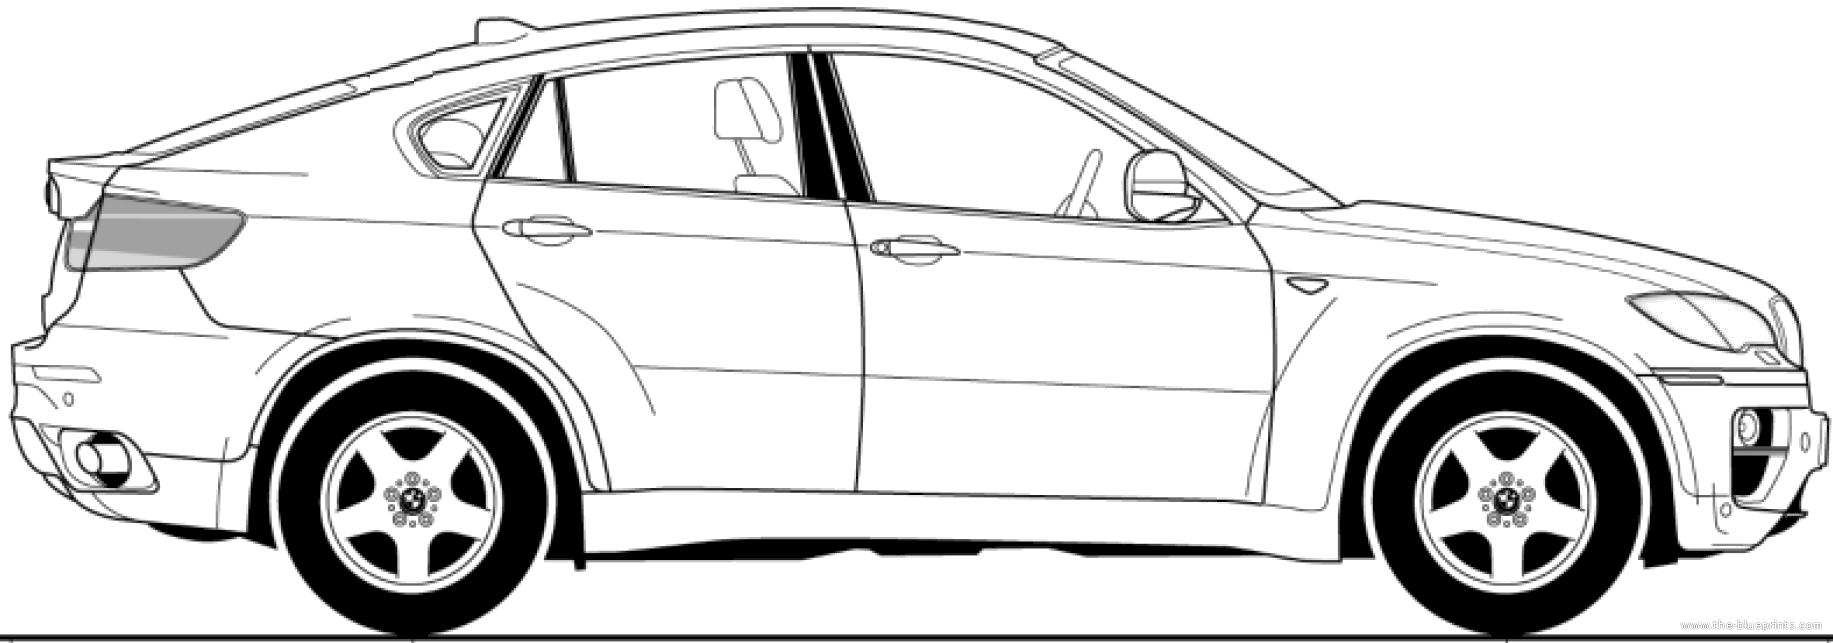 The Blueprints Com Blueprints Gt Cars Gt Bmw Gt Bmw X6 E71